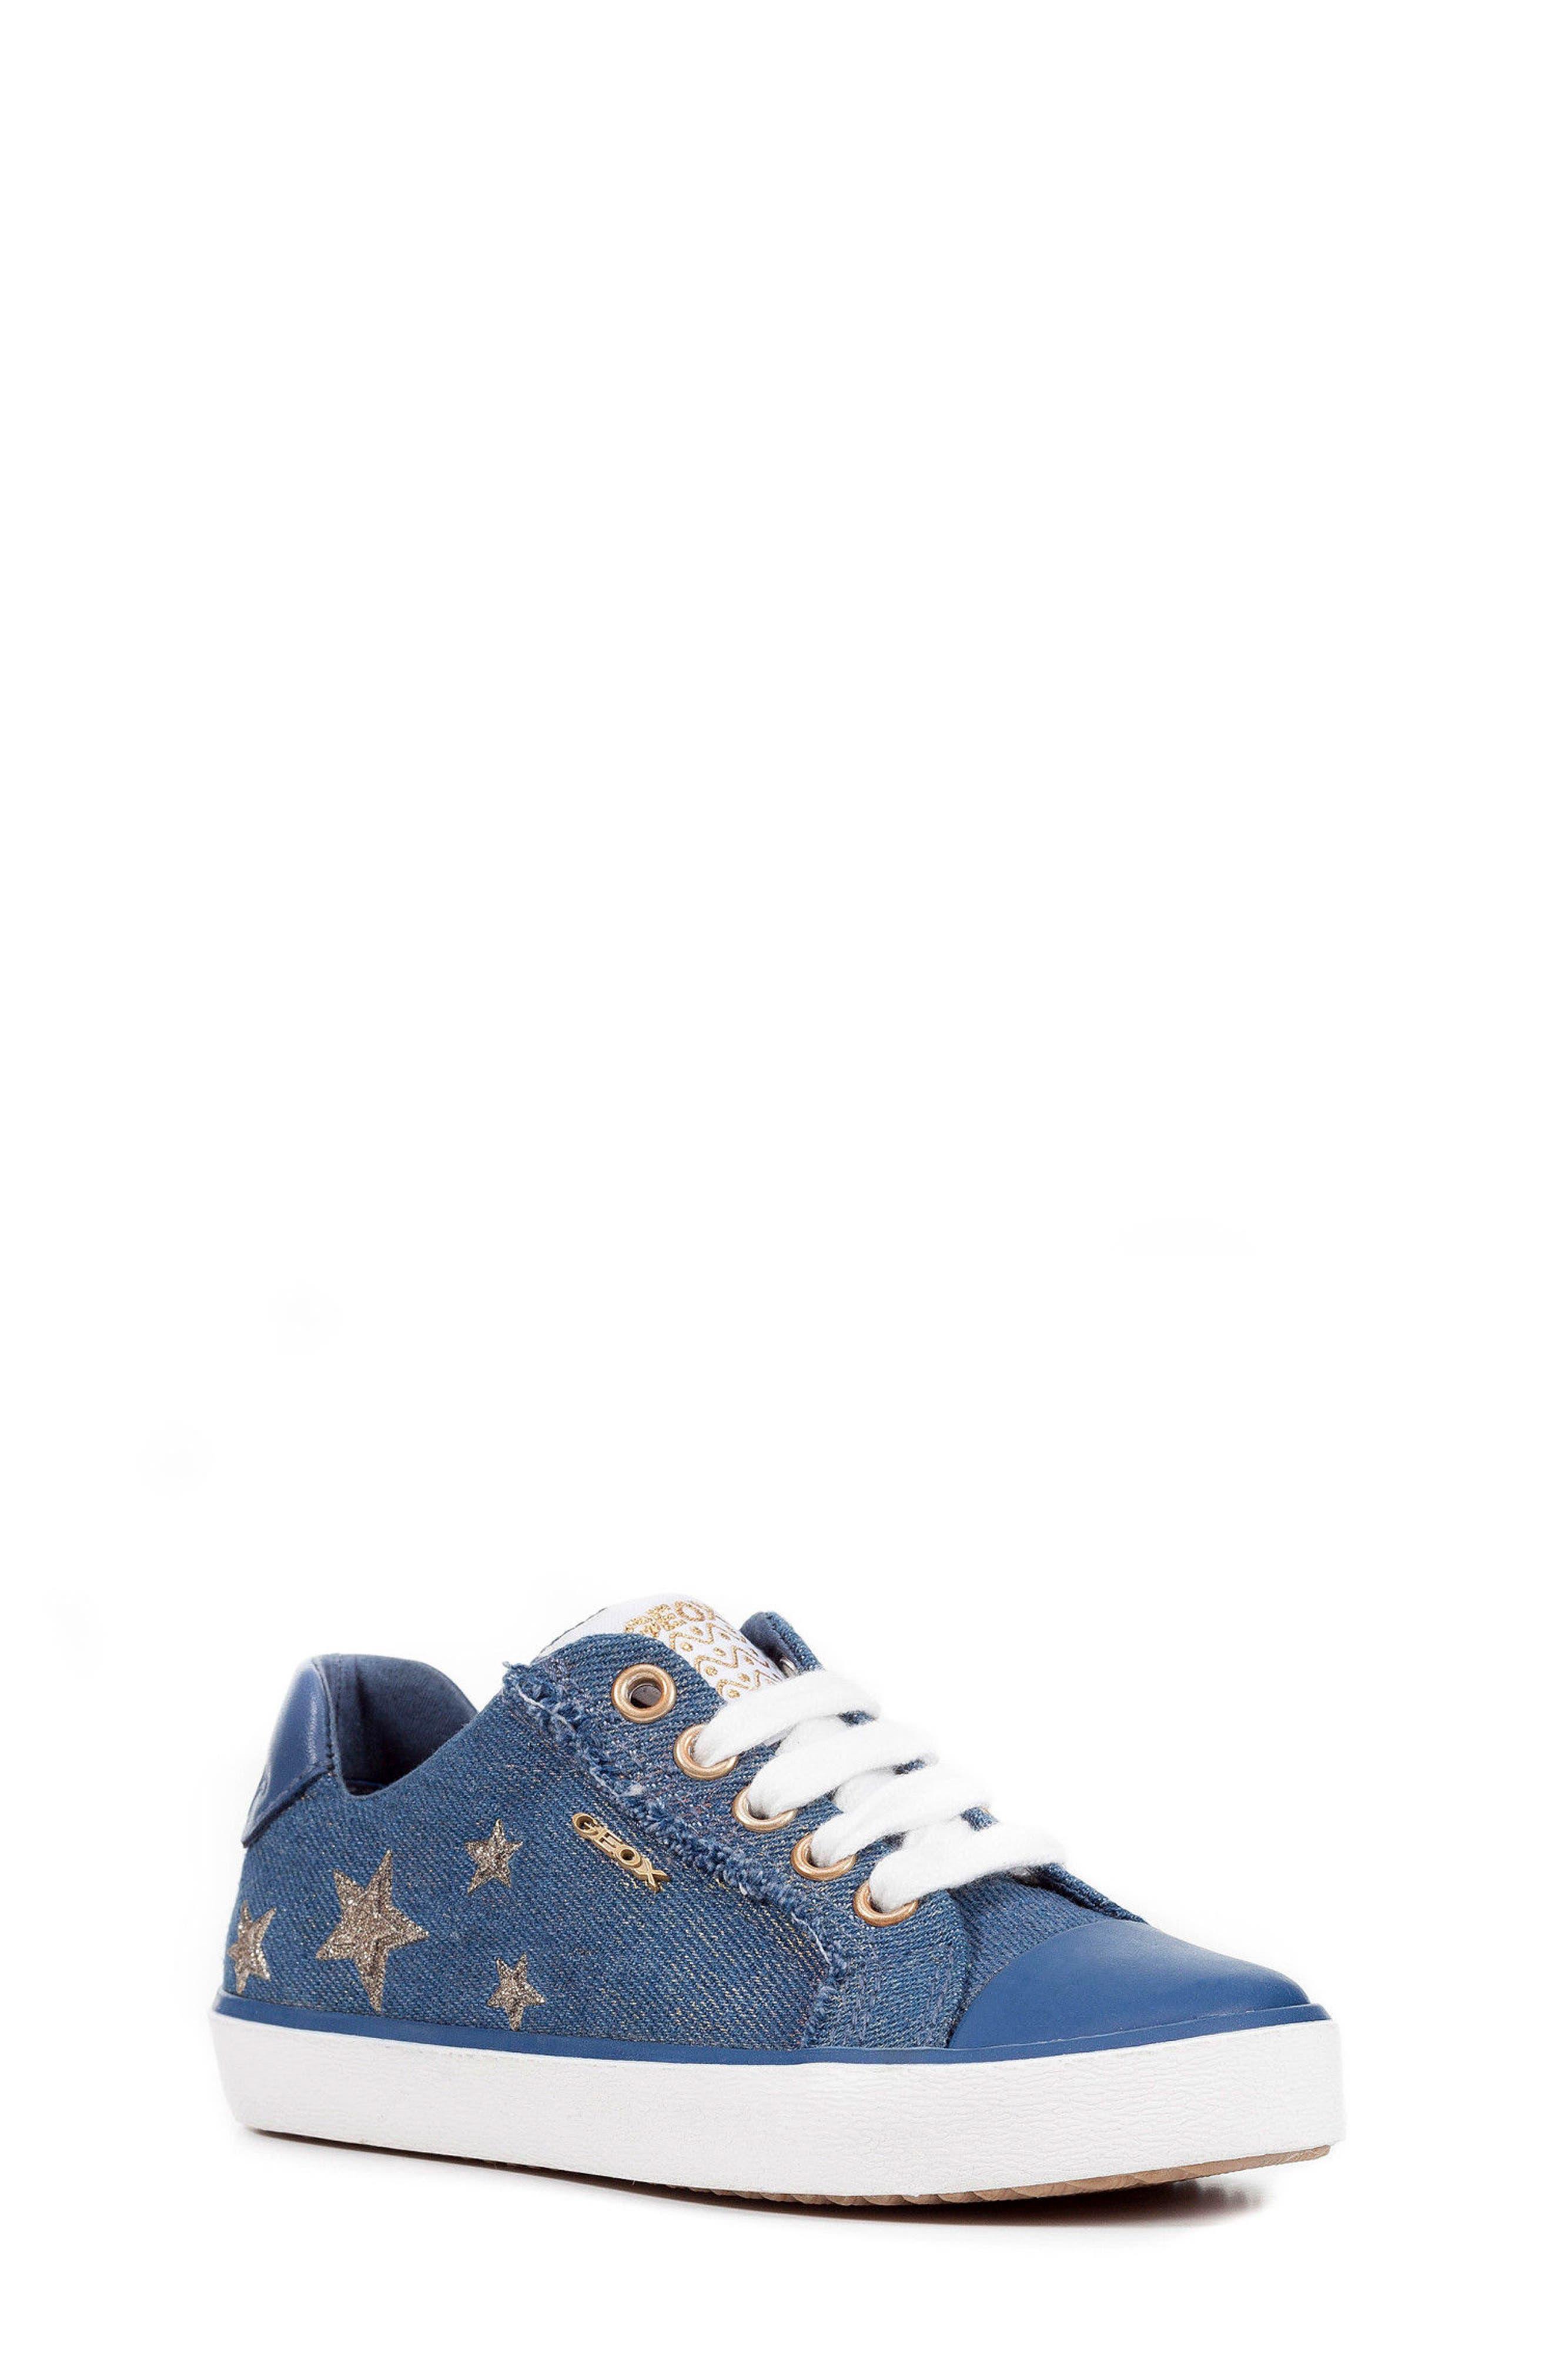 Kilwi Low Top Sneaker,                             Main thumbnail 1, color,                             Avio